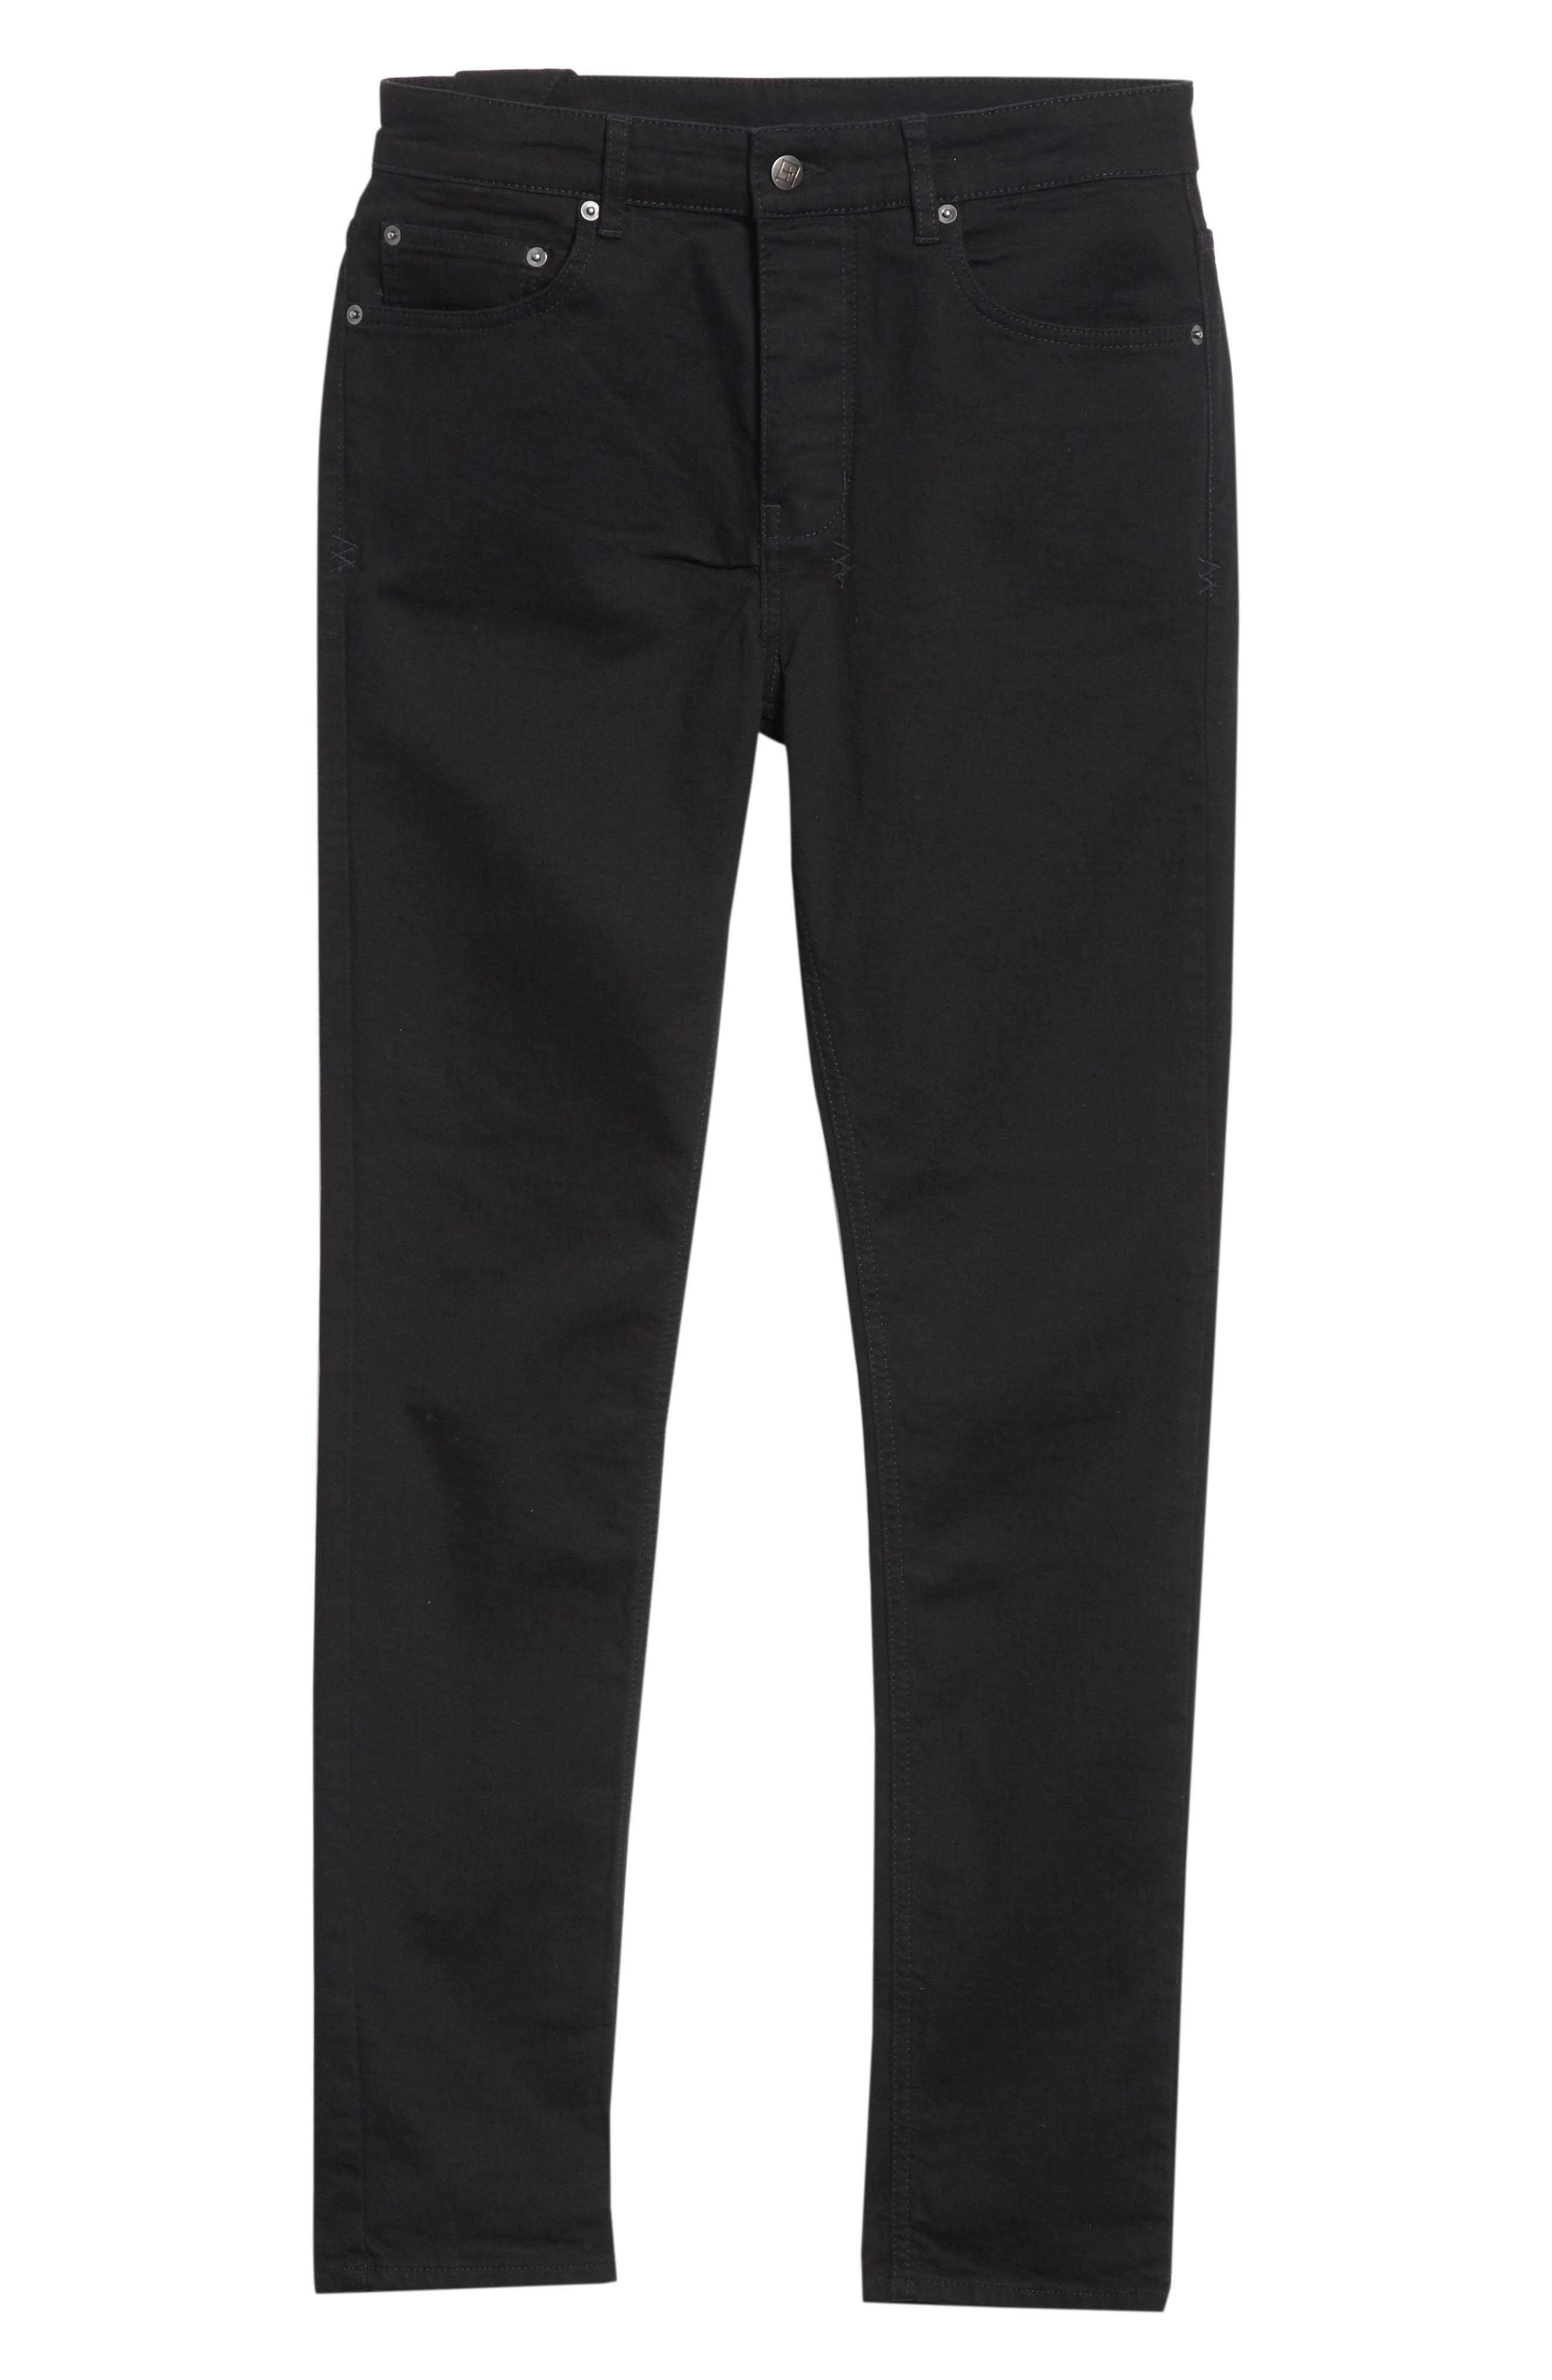 KSUBI, Chitch Laid Skinny Fit Jeans, Alternate thumbnail 7, color, BLACK